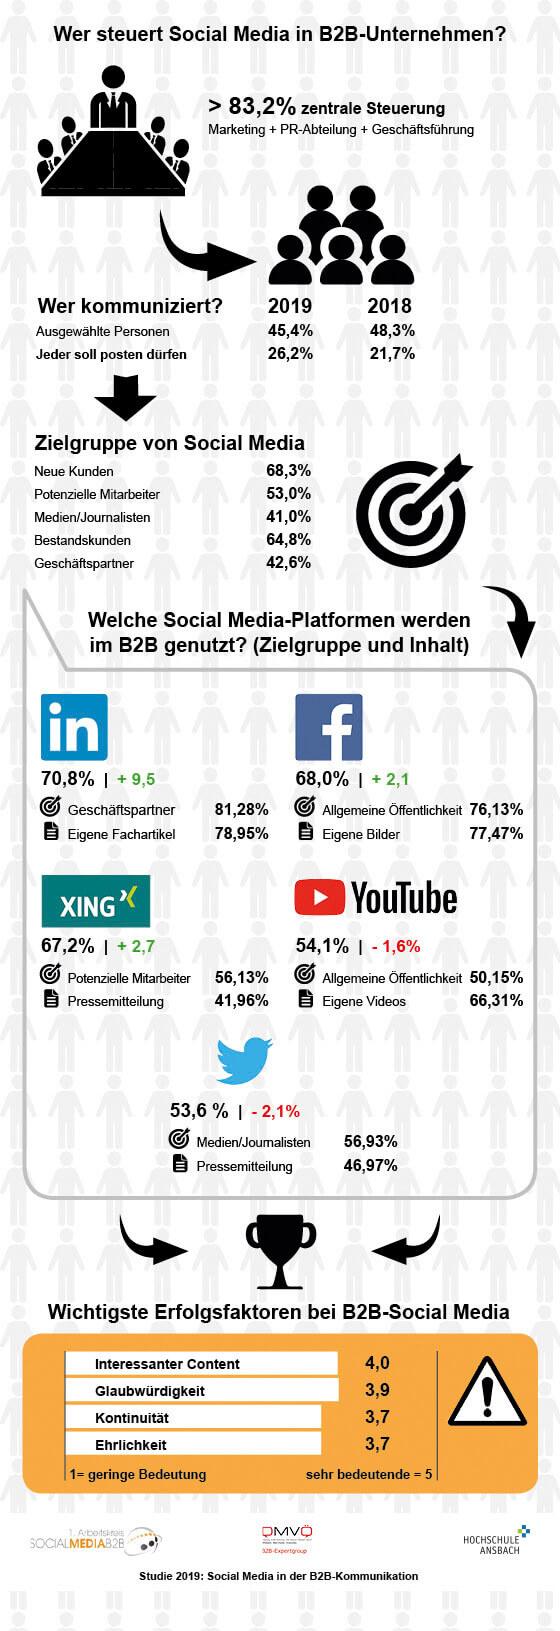 Infografik Ergebnisse Studie 2019 Erster Arbeitskreis für Social Media in der B2B-Kommunikation